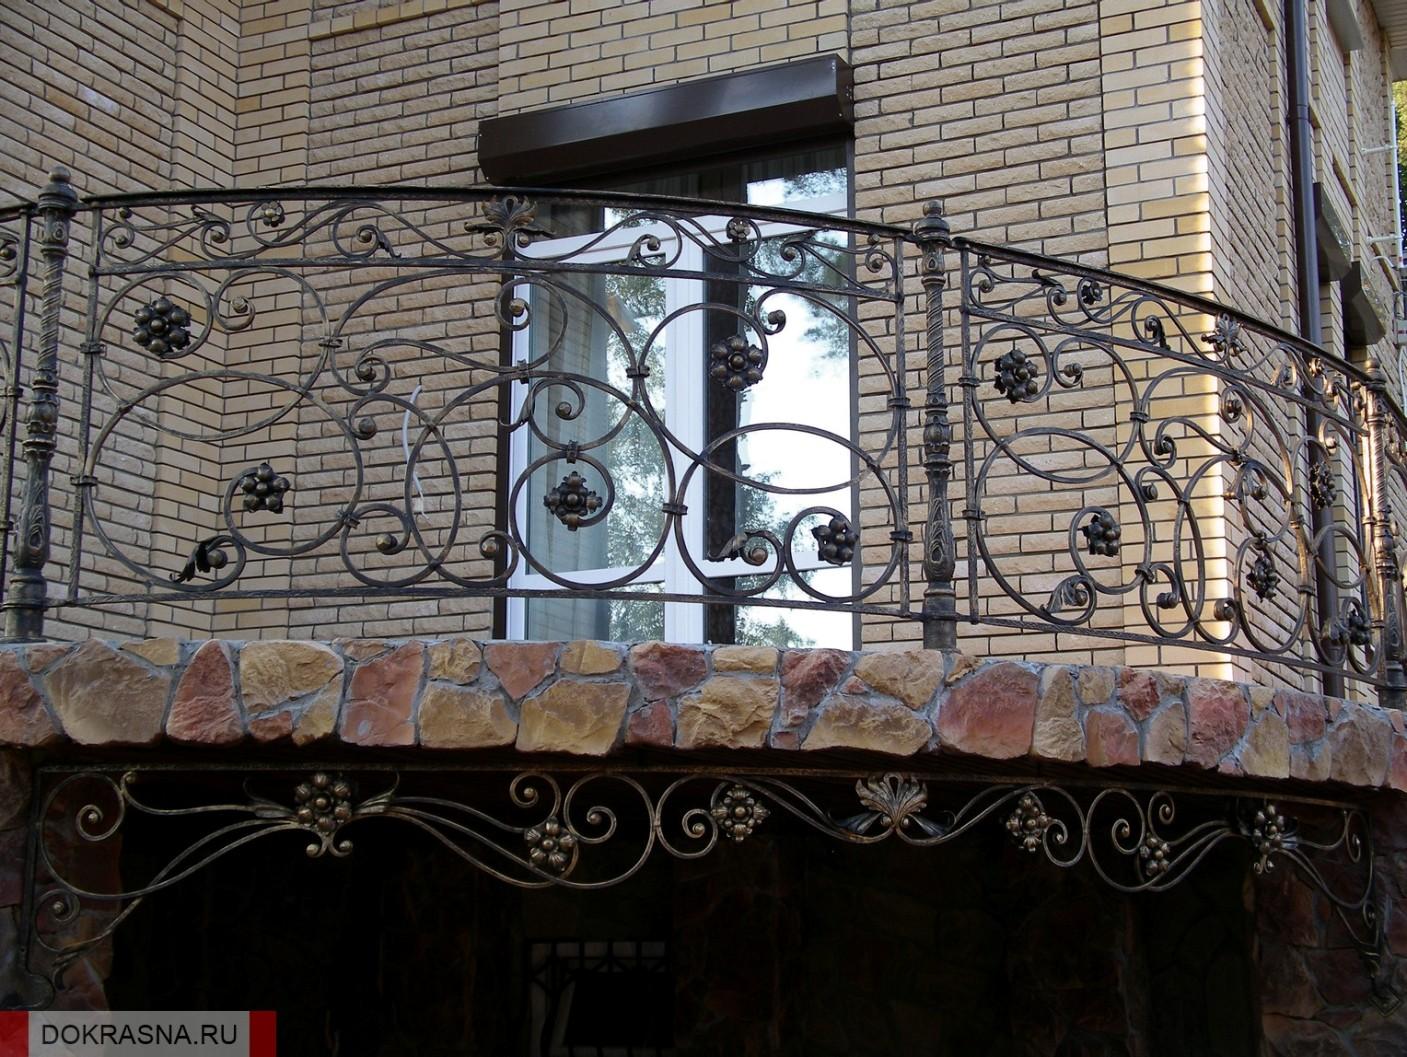 Кованые балконы воронеж, кованые балконы фото, кованые ограж.